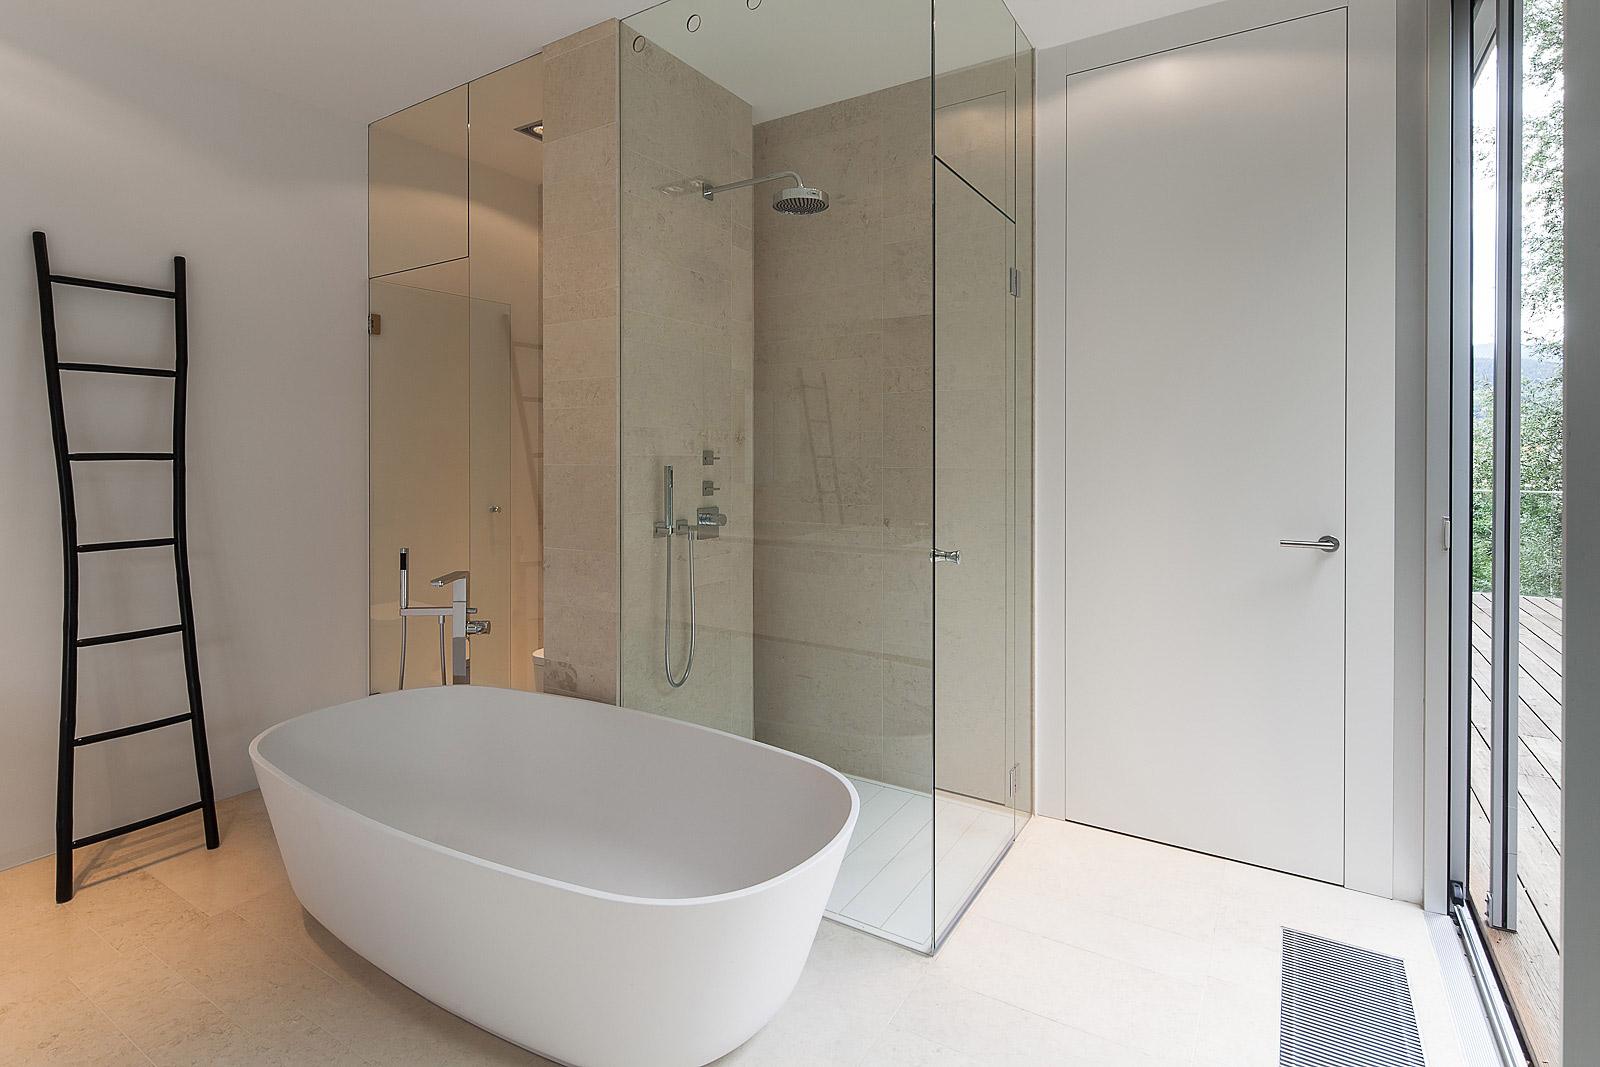 Fotografie in Räumen, Fotograf für Innenarchitektur, Badezimmer, architekturfotograf